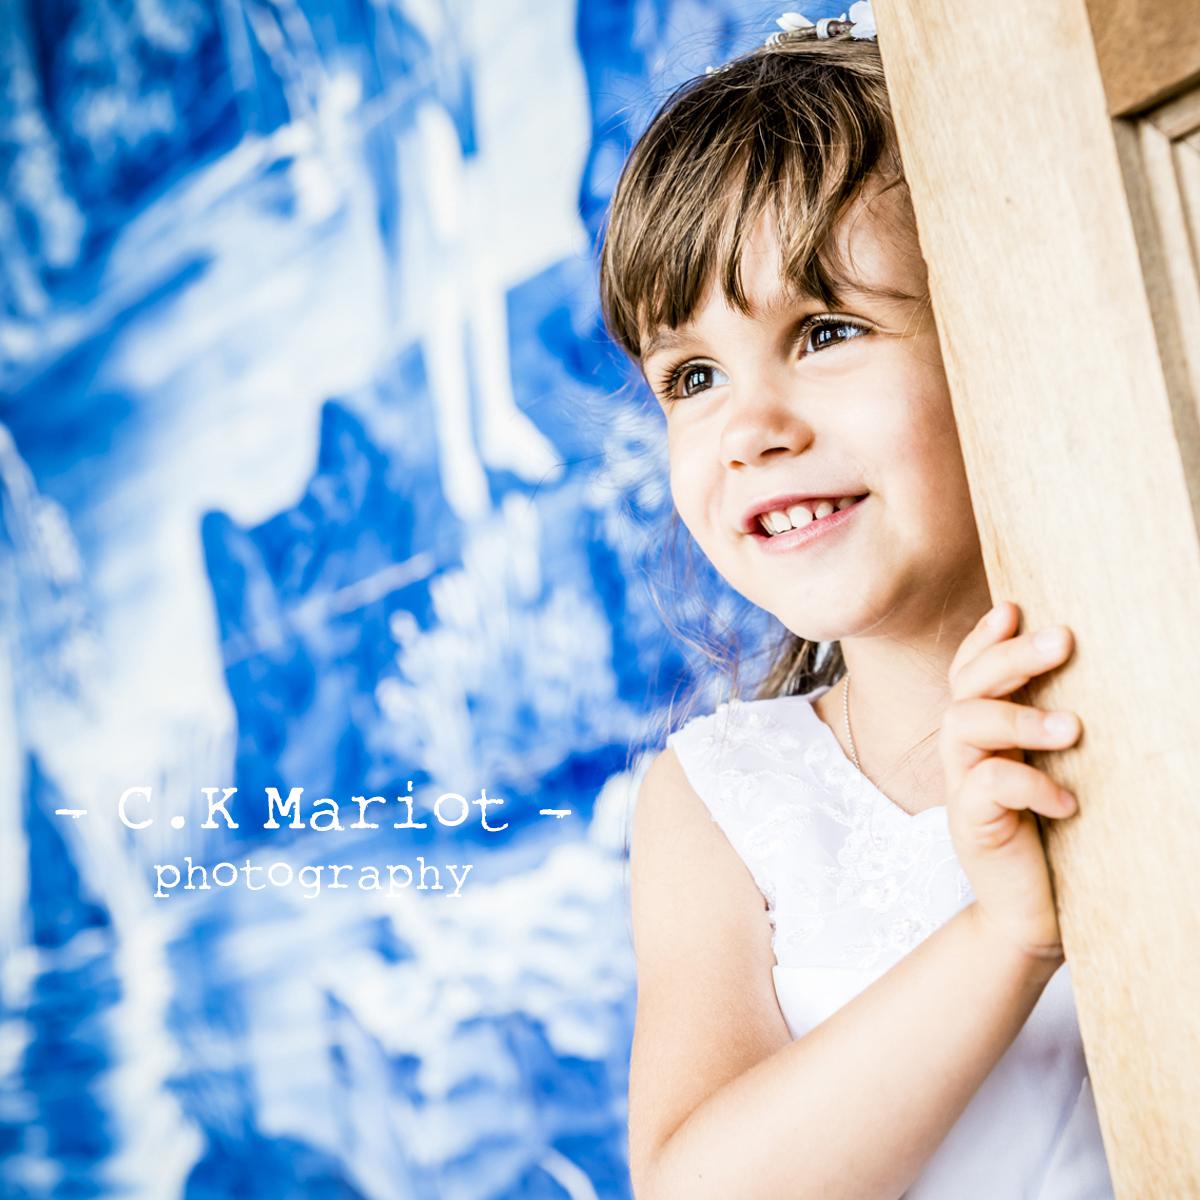 CK-Mariot-Photography-10166